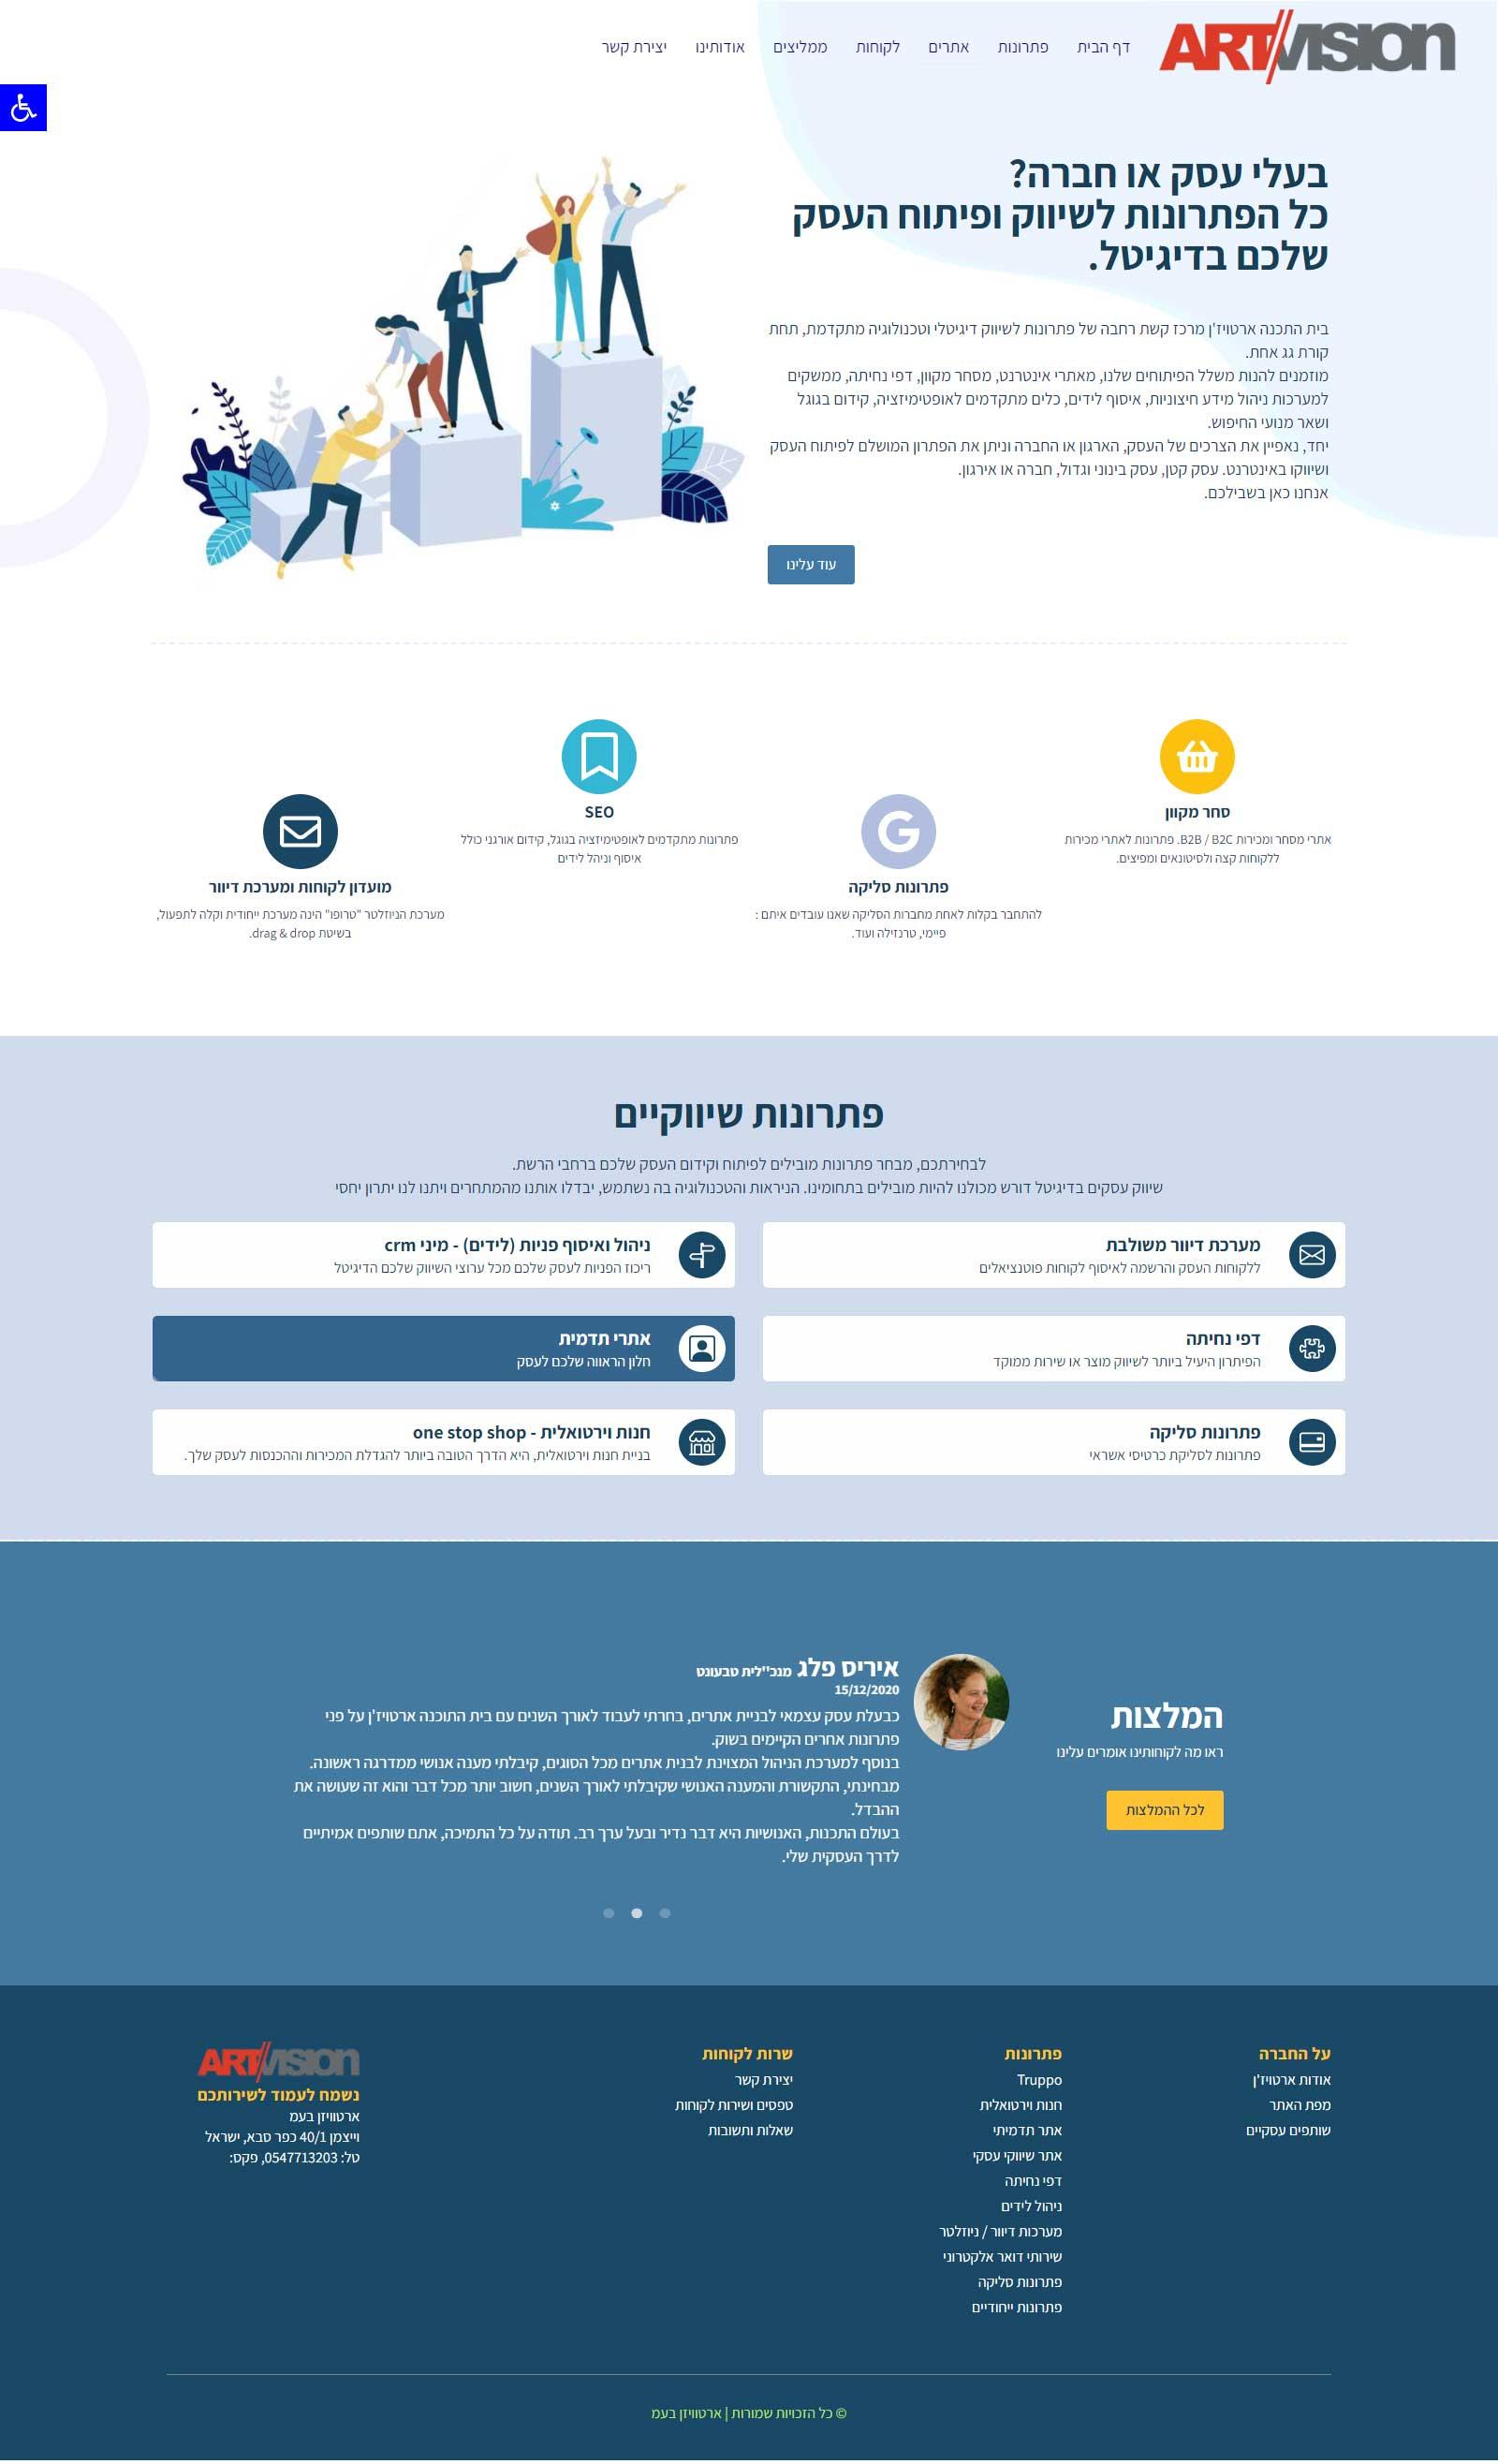 Artvision - פיתוח תוכנה ופתרונות באינטרנט